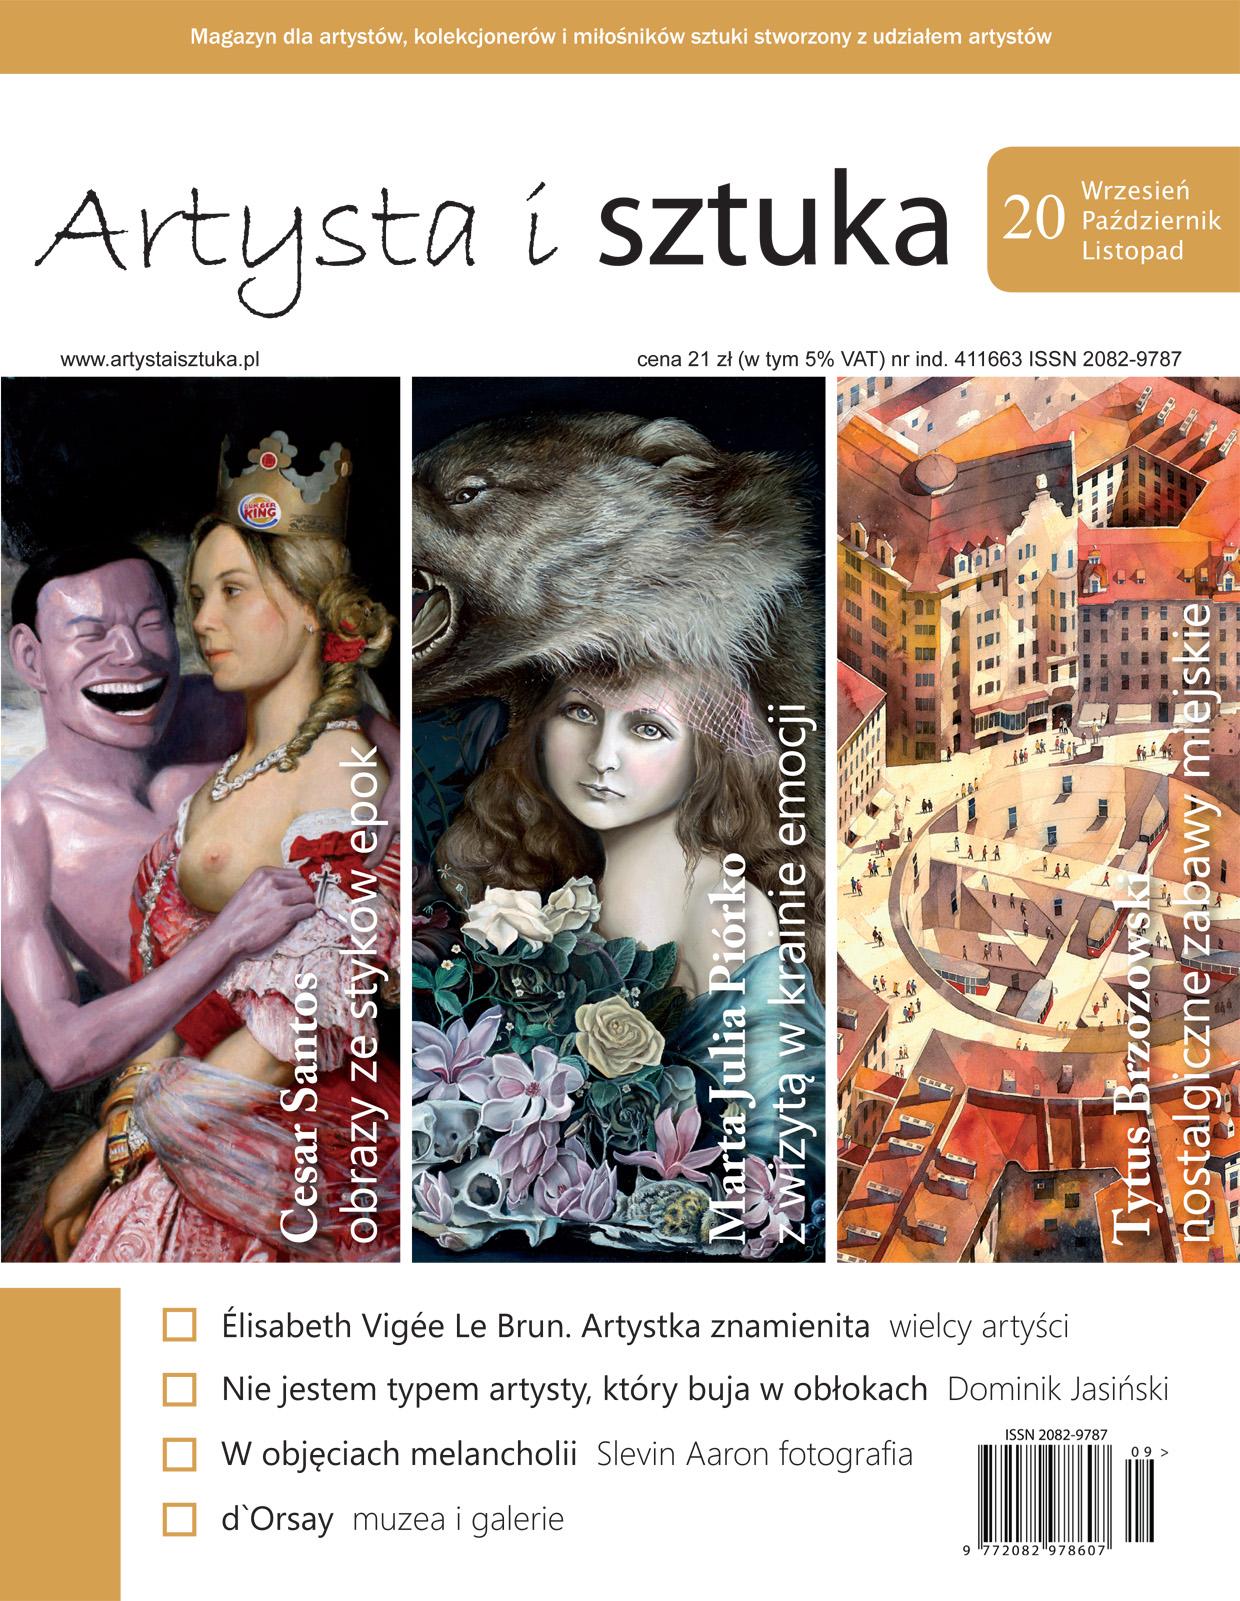 Artysta i Sztuka #20 jubileuszowy, malarstwo, rzeźba, grafika, street art, ilustracja, fotografia